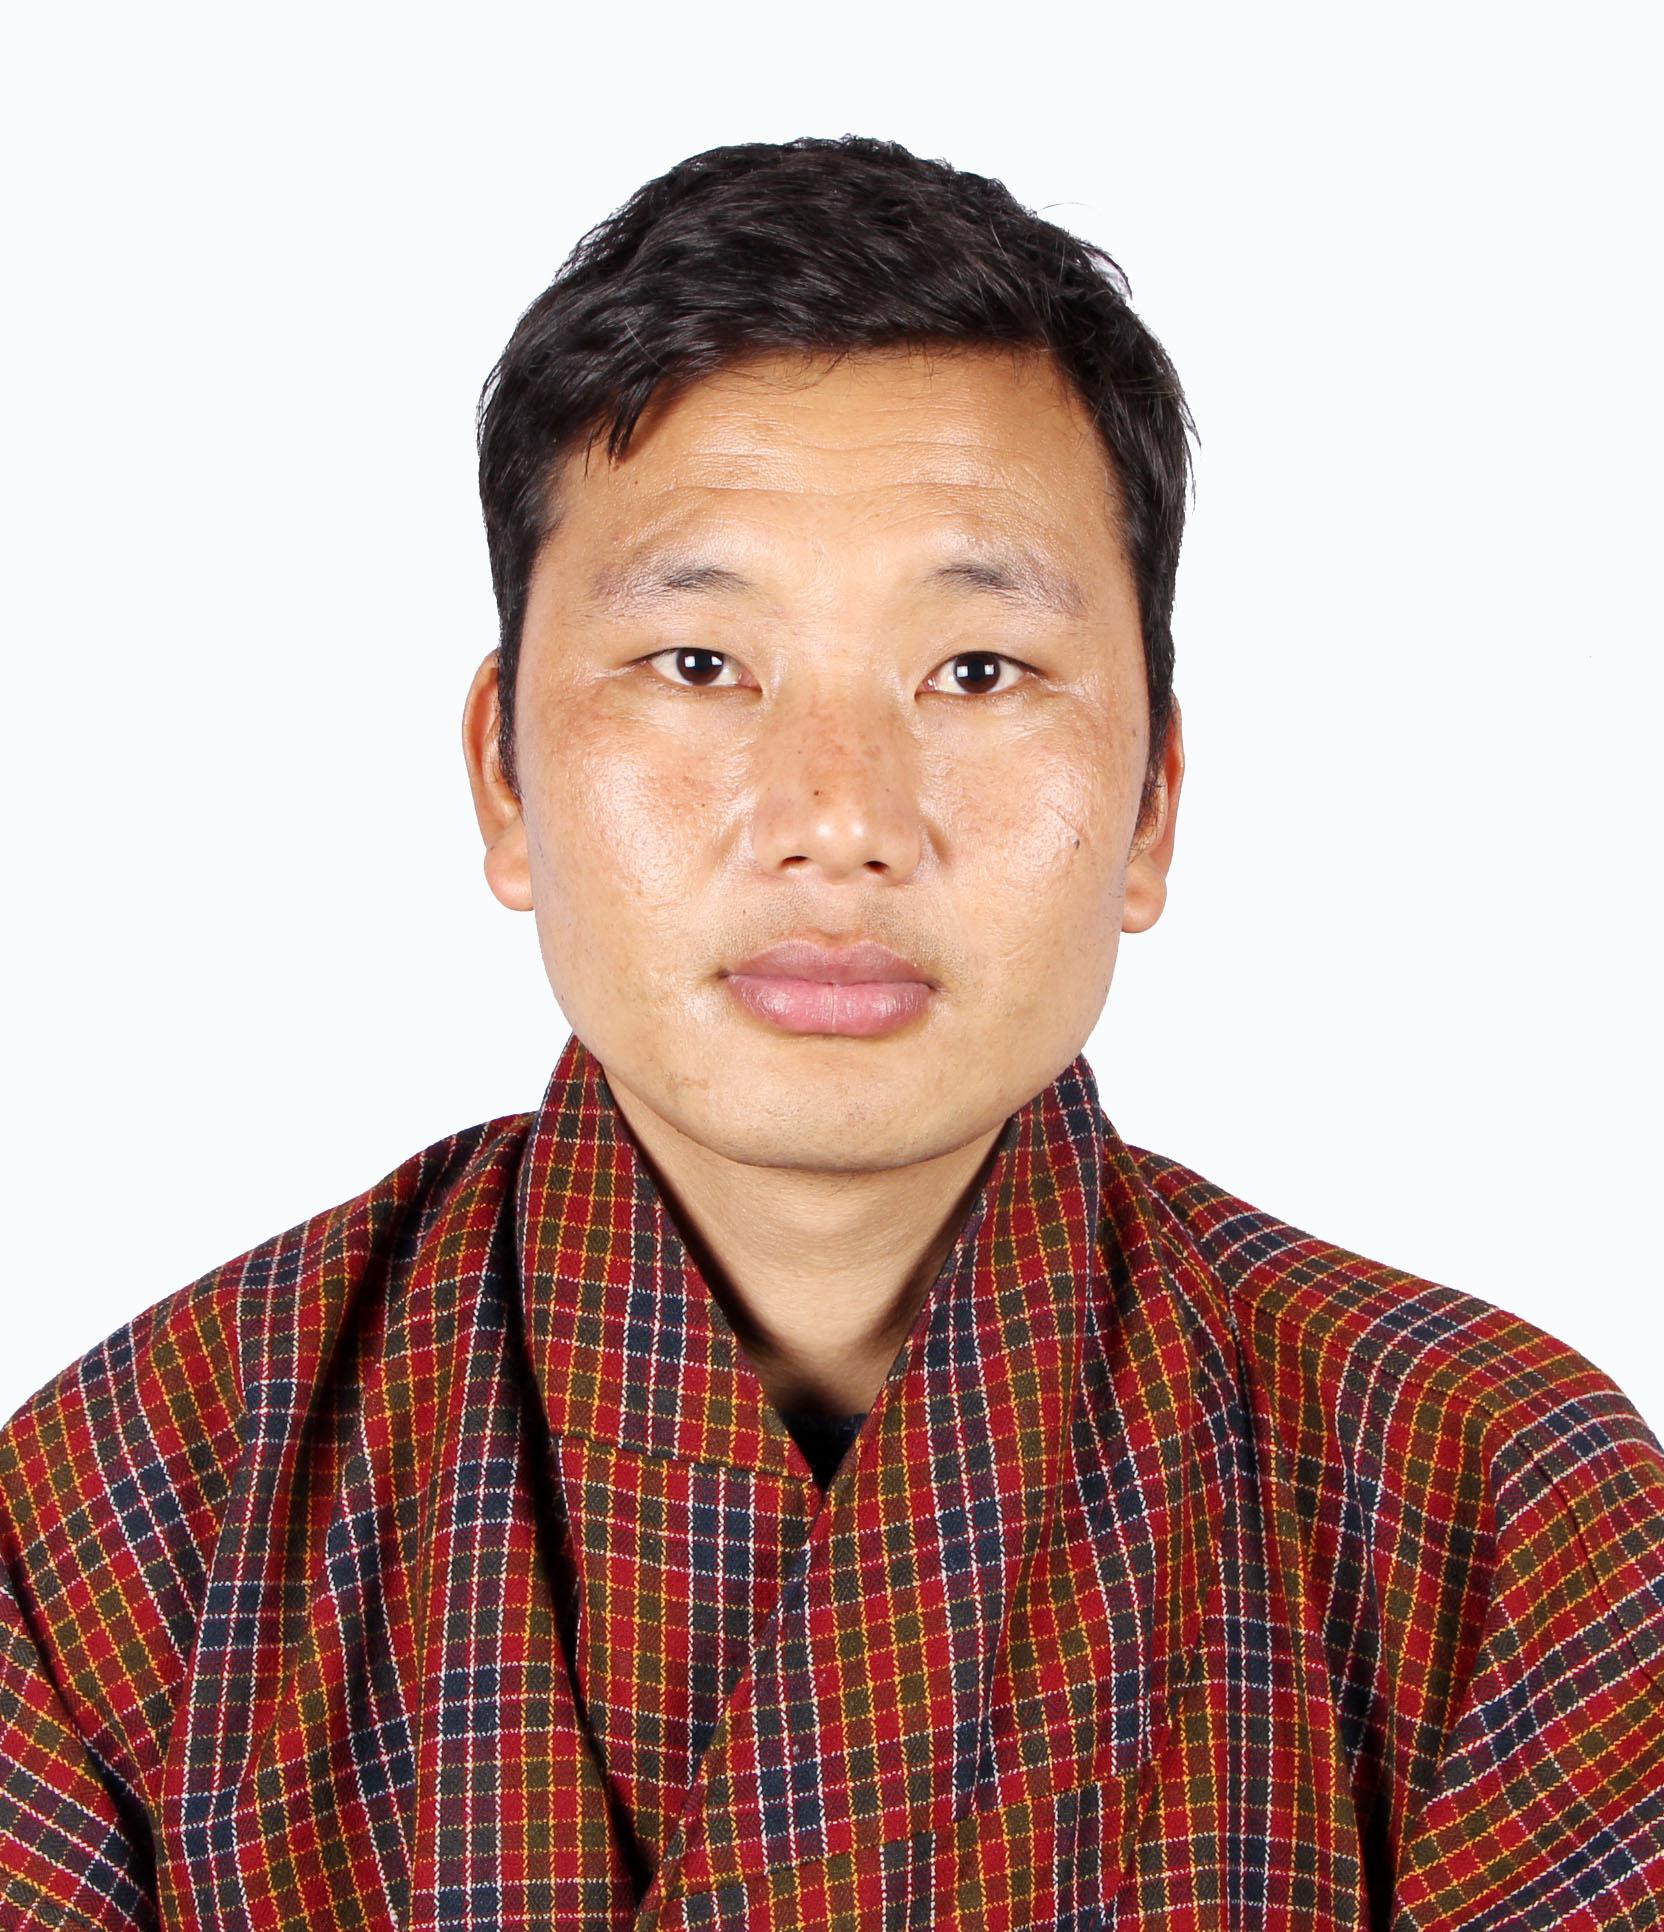 Mr. Sonam Dorji